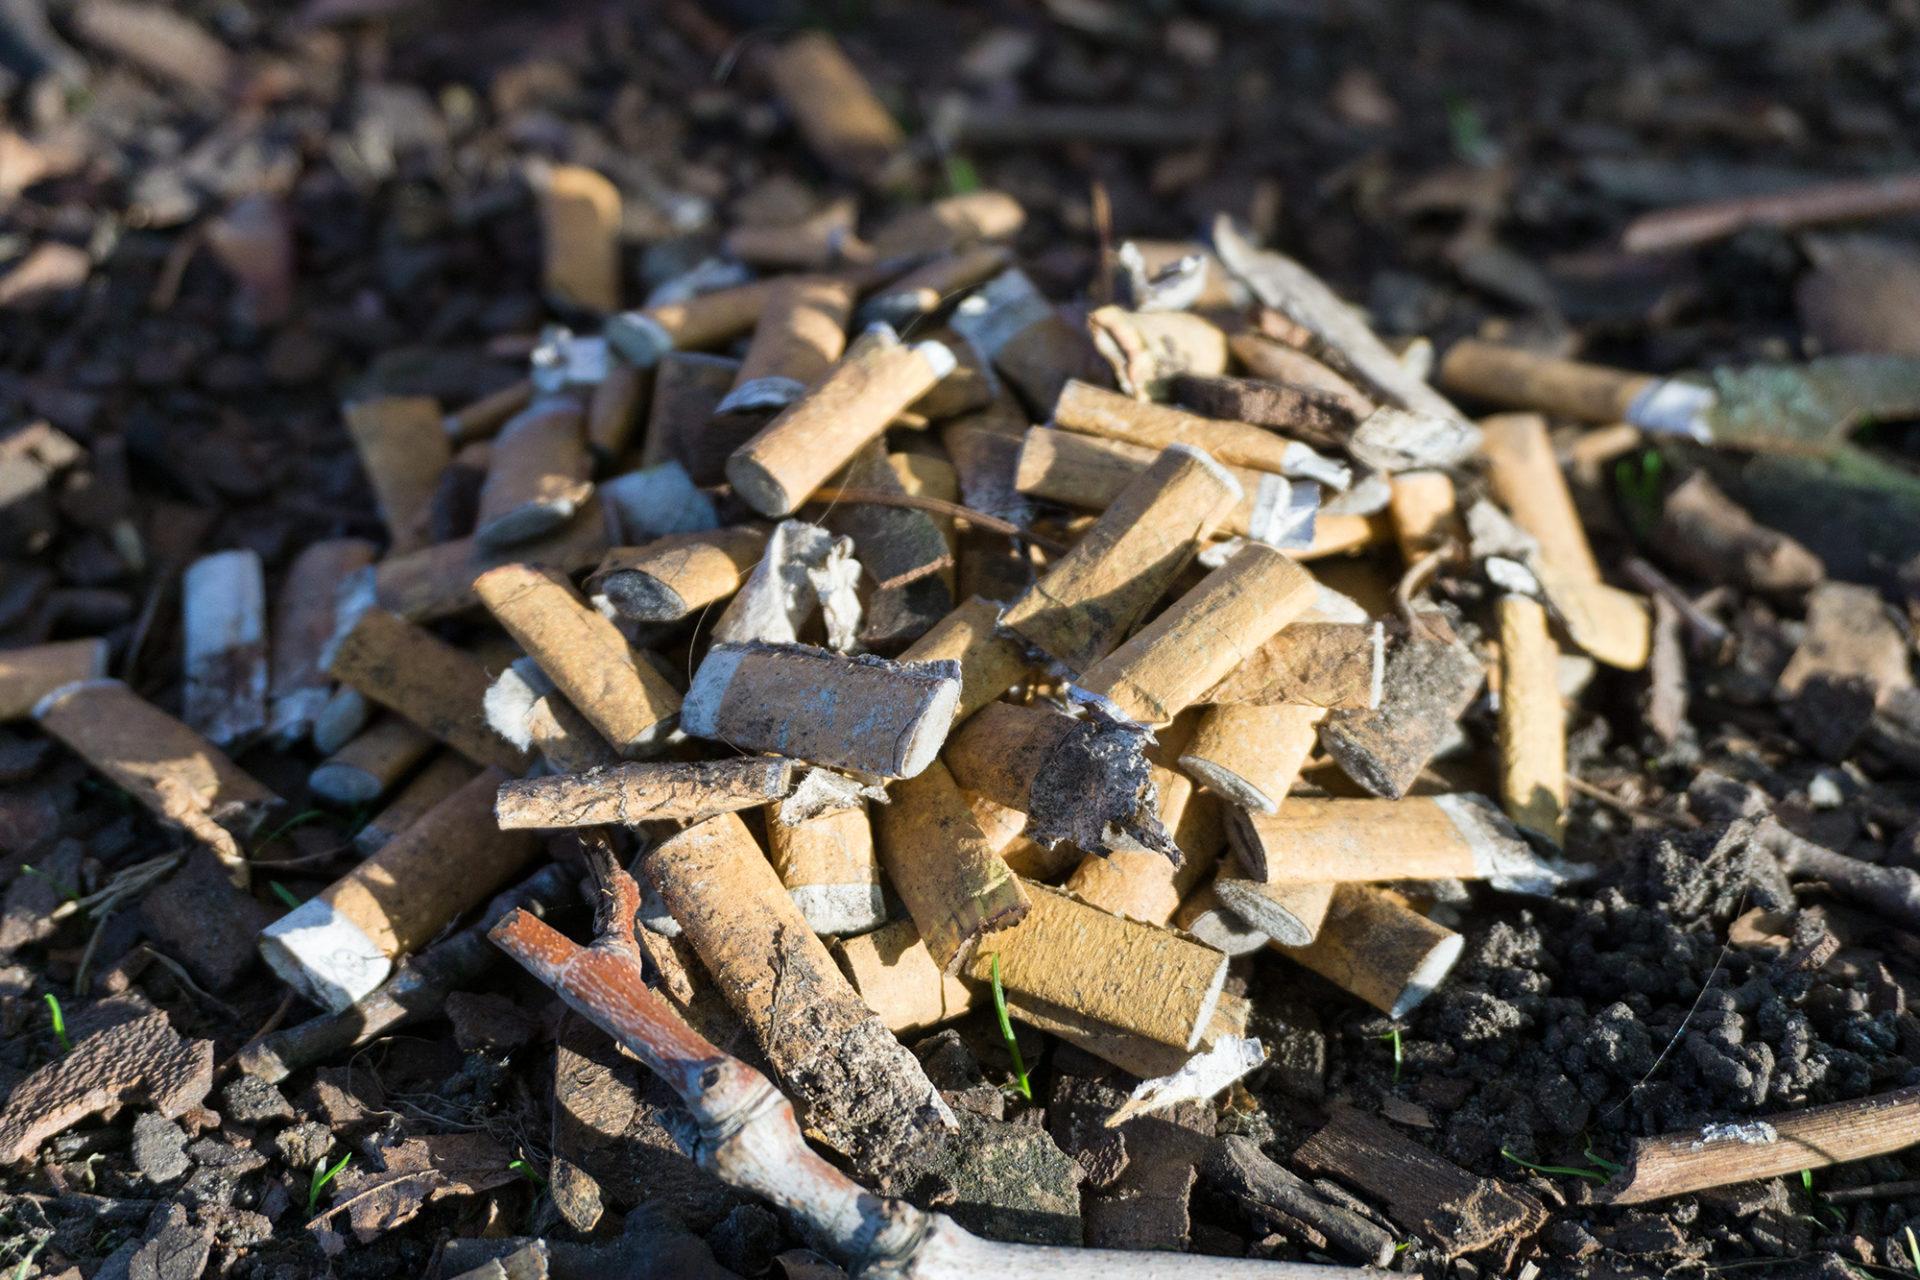 Zigarettenkippen Müll